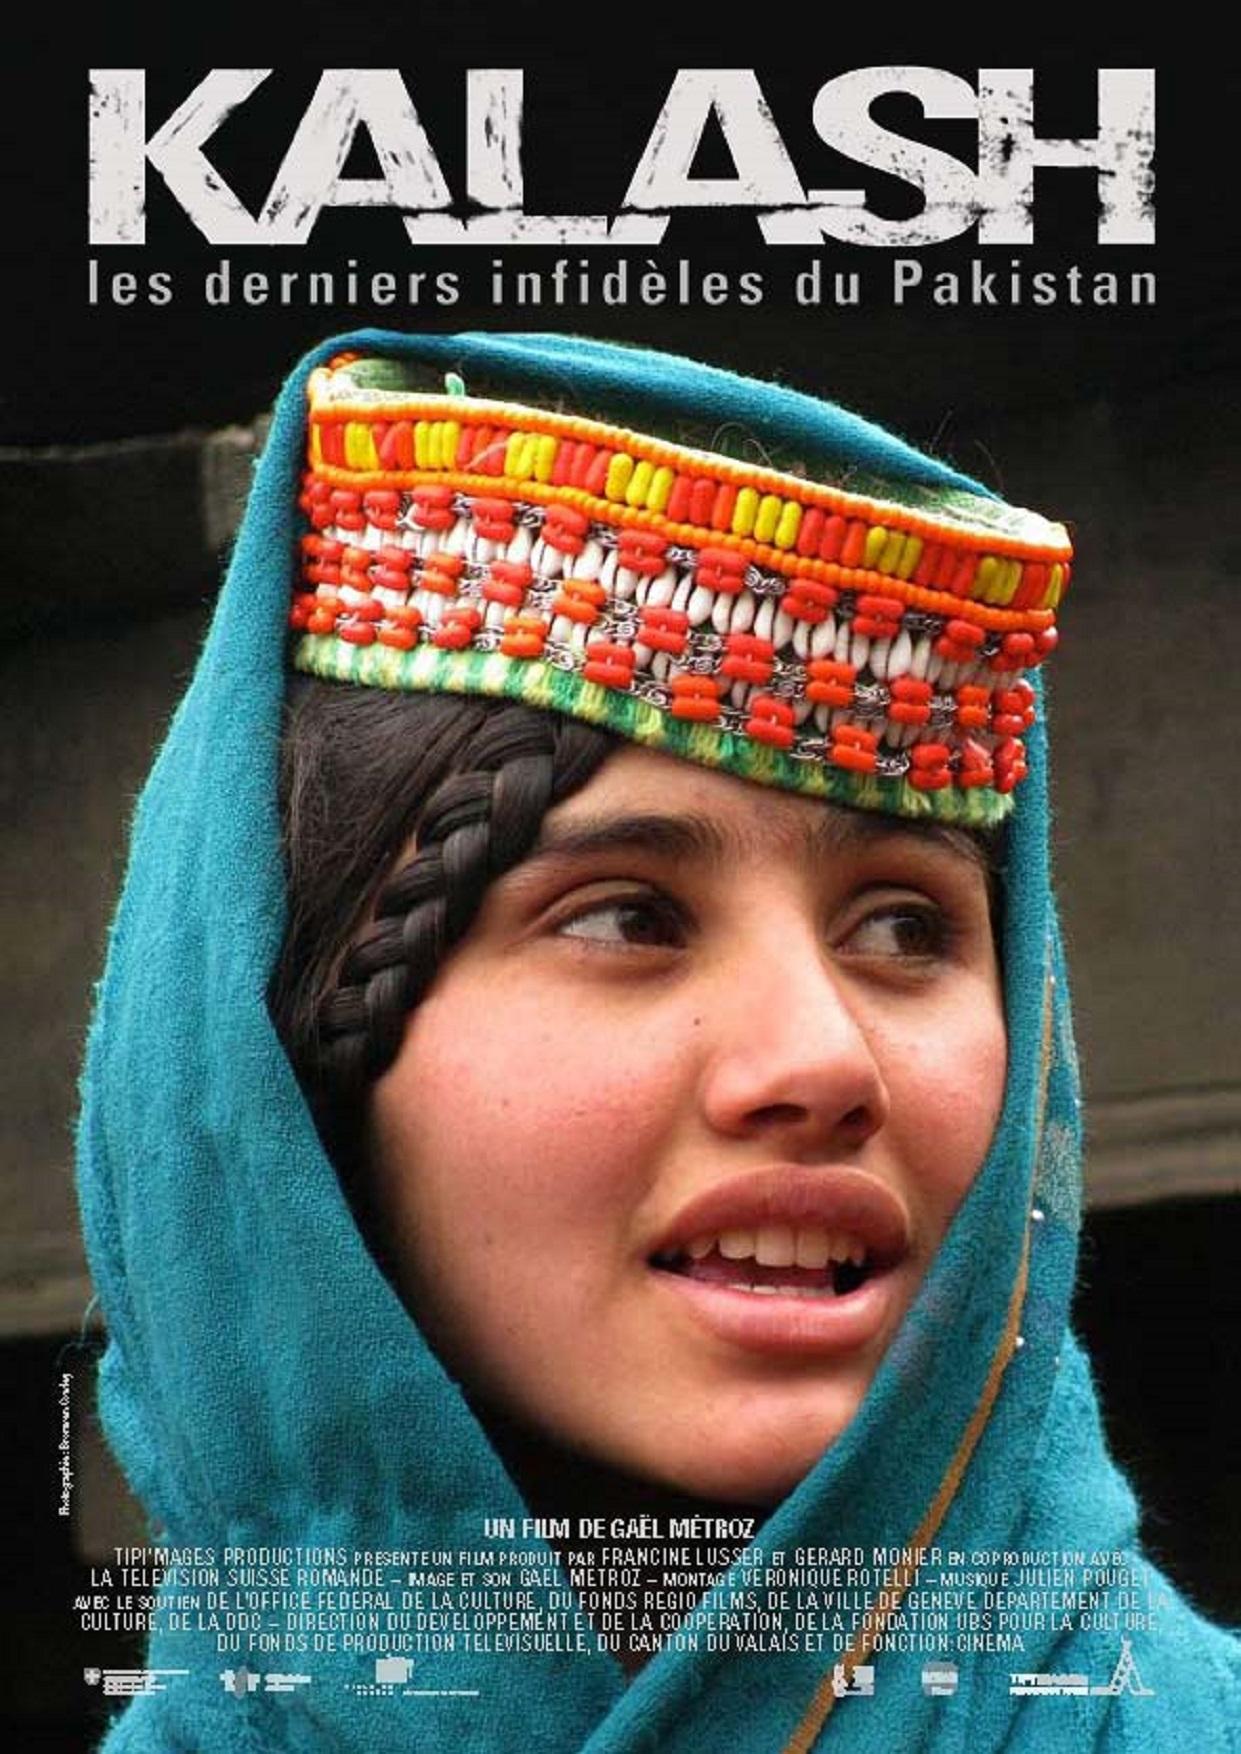 KALASH, les derniers infidèles du Pakistan